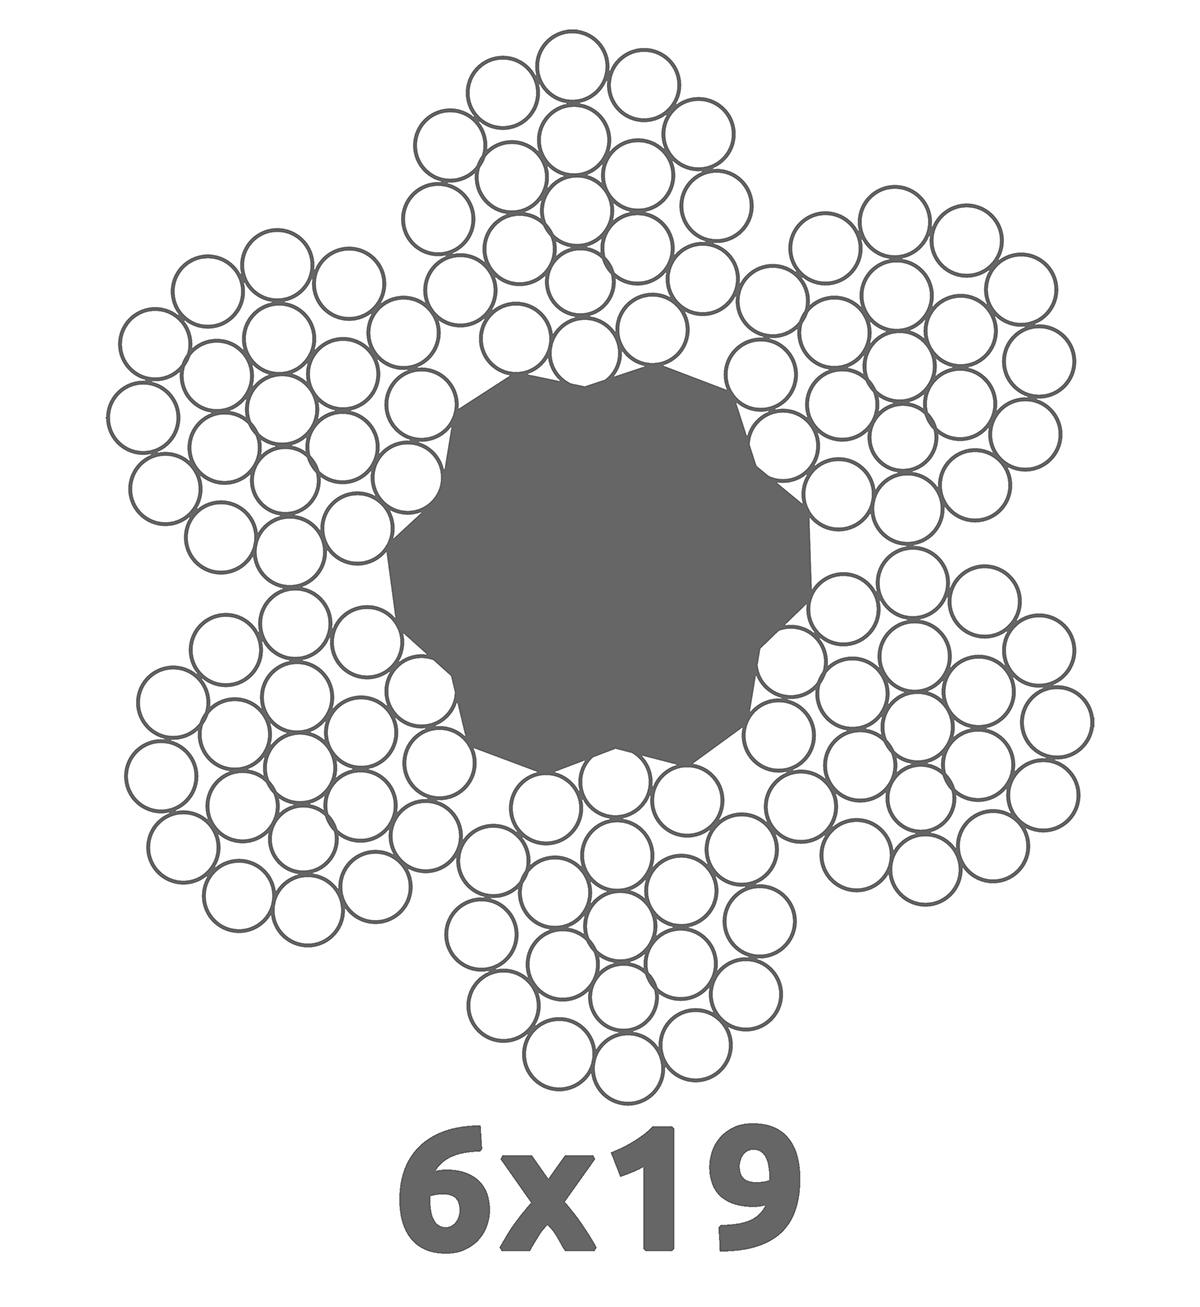 6x19_Querschnitt_1200jS6Yt8cTRN5nx